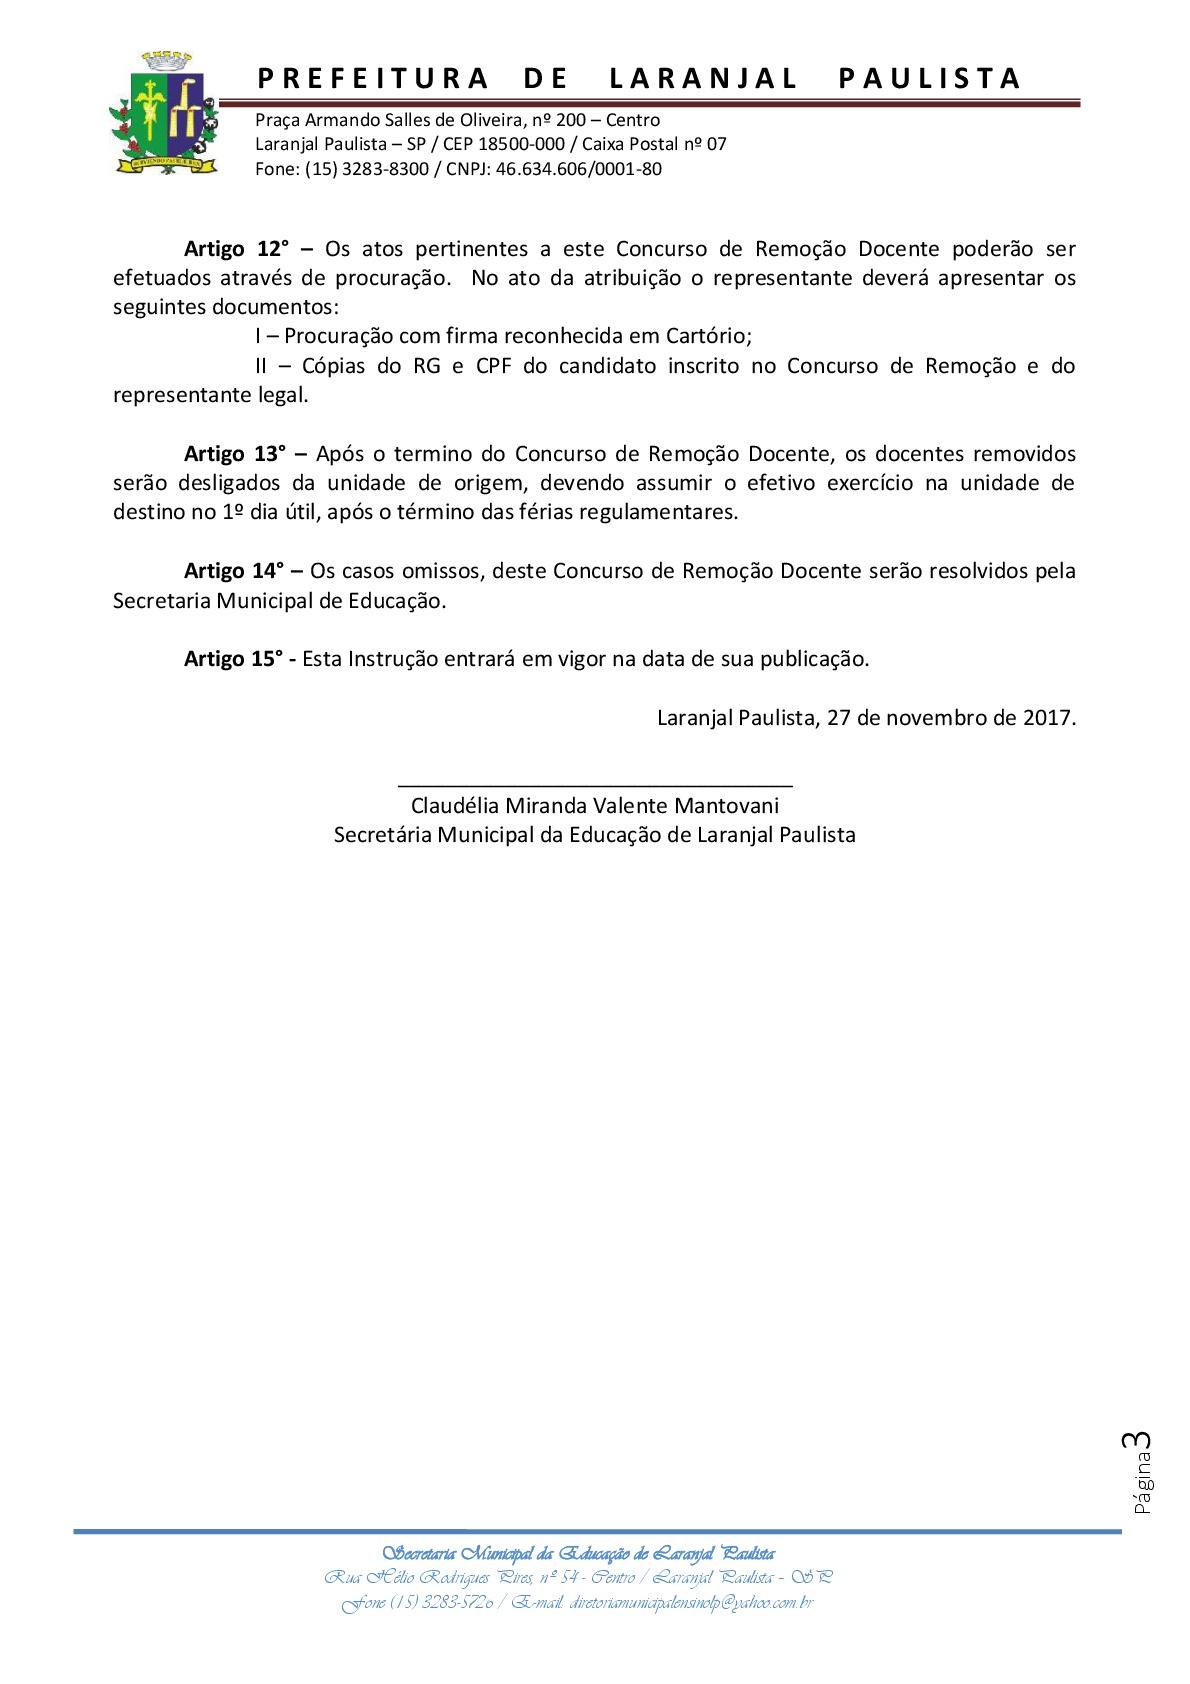 Instrução normativa SME nº 005/2017 - Concurso de Remoção